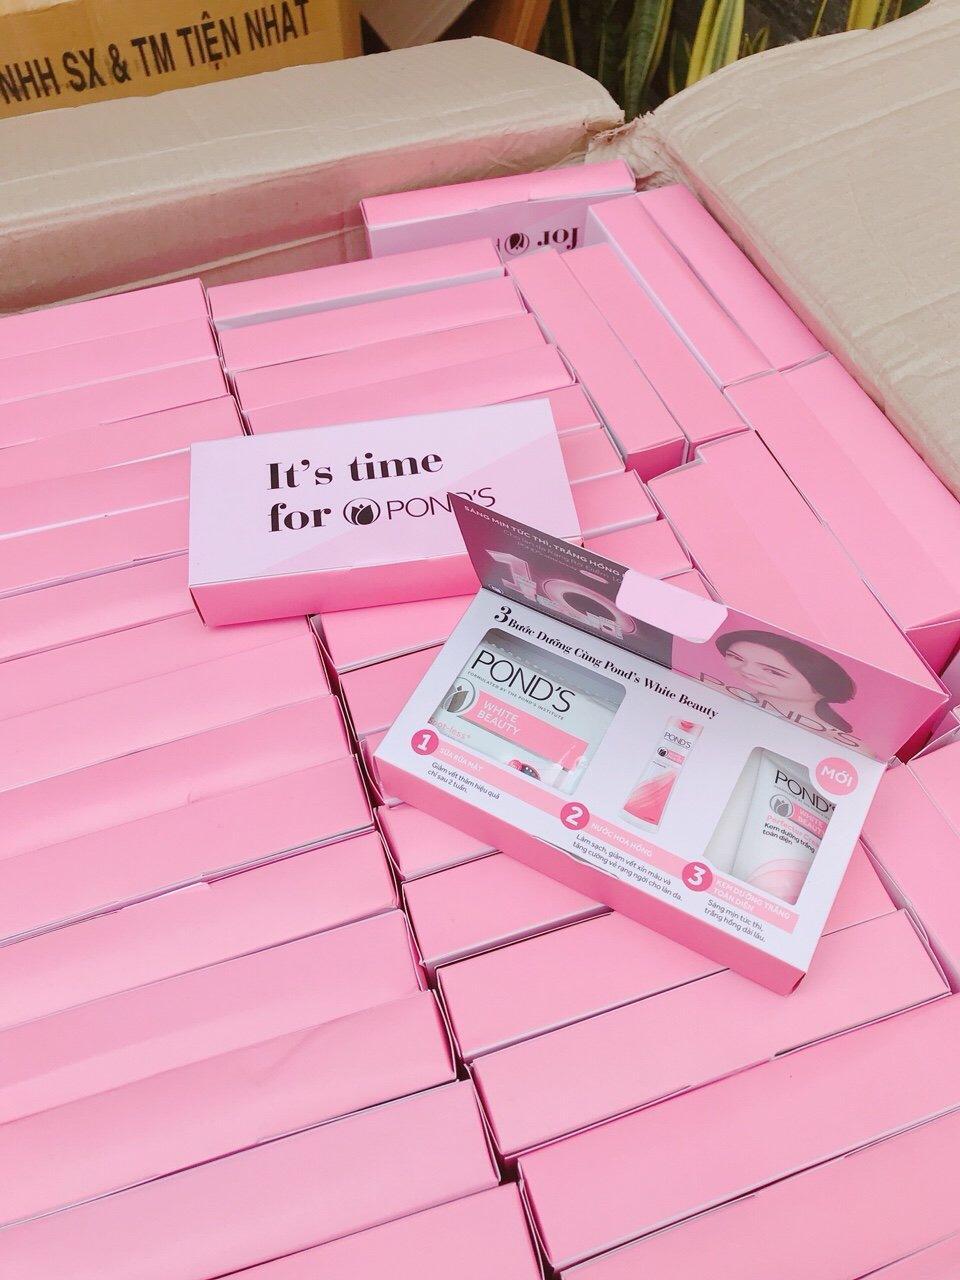 Combo 10 set ponds trắng hồng bao gồm: 40 gói sữa rửa mặt ponds trắng hồng +10 tuýp ponds dưỡng trắng toàn diện + tặng 1 túi đựng mỹ phẩm xinh xắn